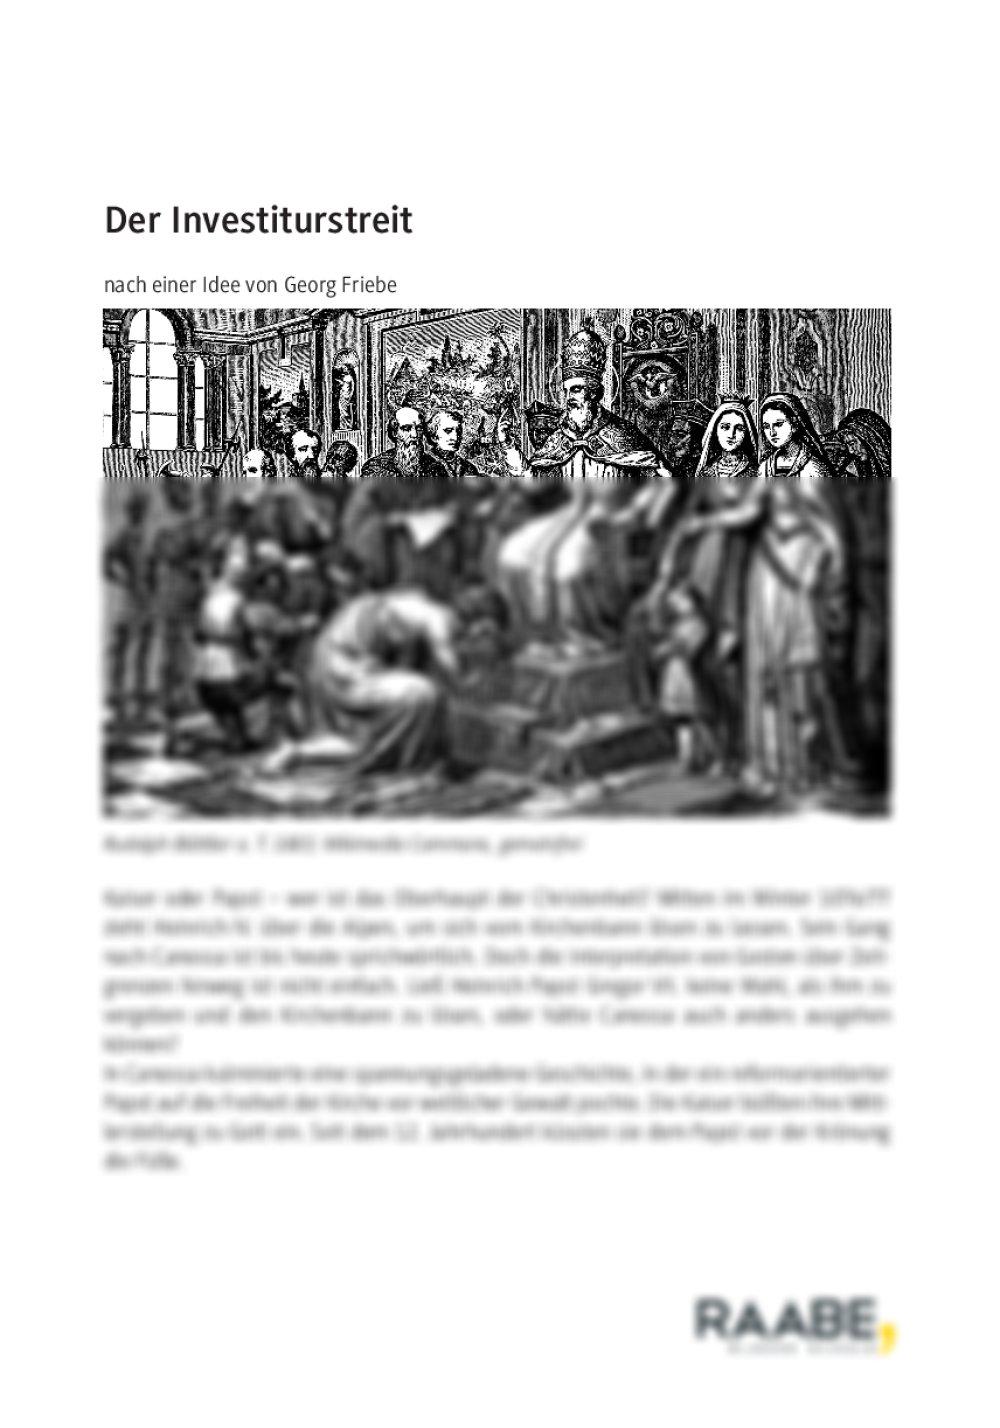 Der Investiturstreit - Seite 1